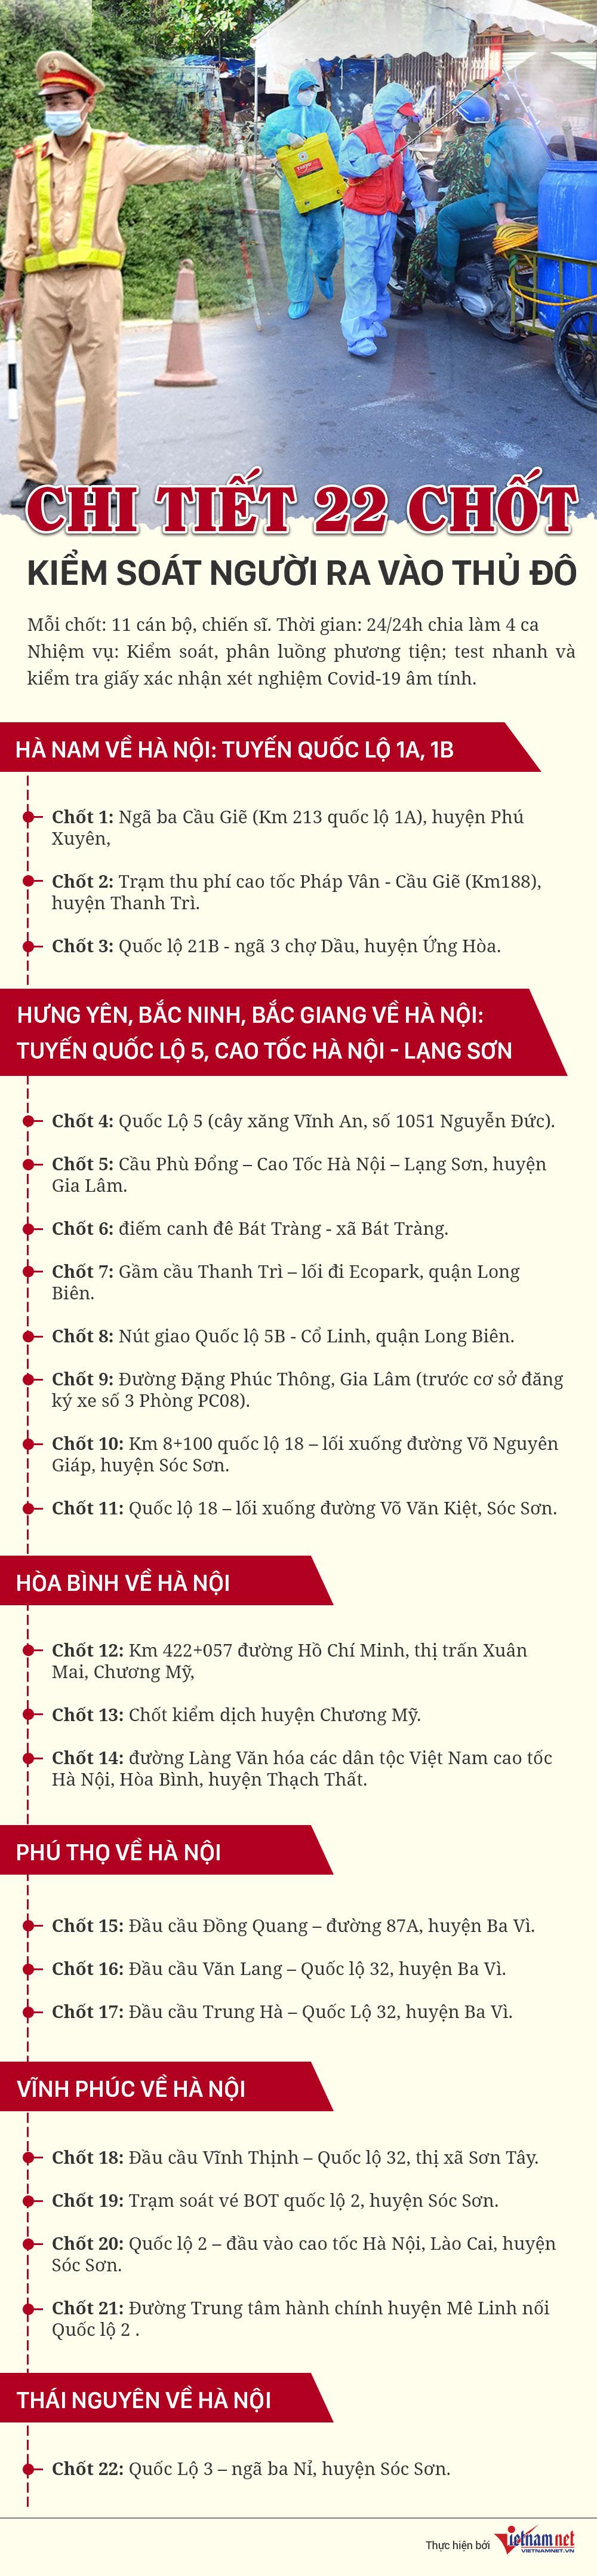 Chi tiết 22 chốt kiểm soát người và phương tiện ra vào Hà Nội